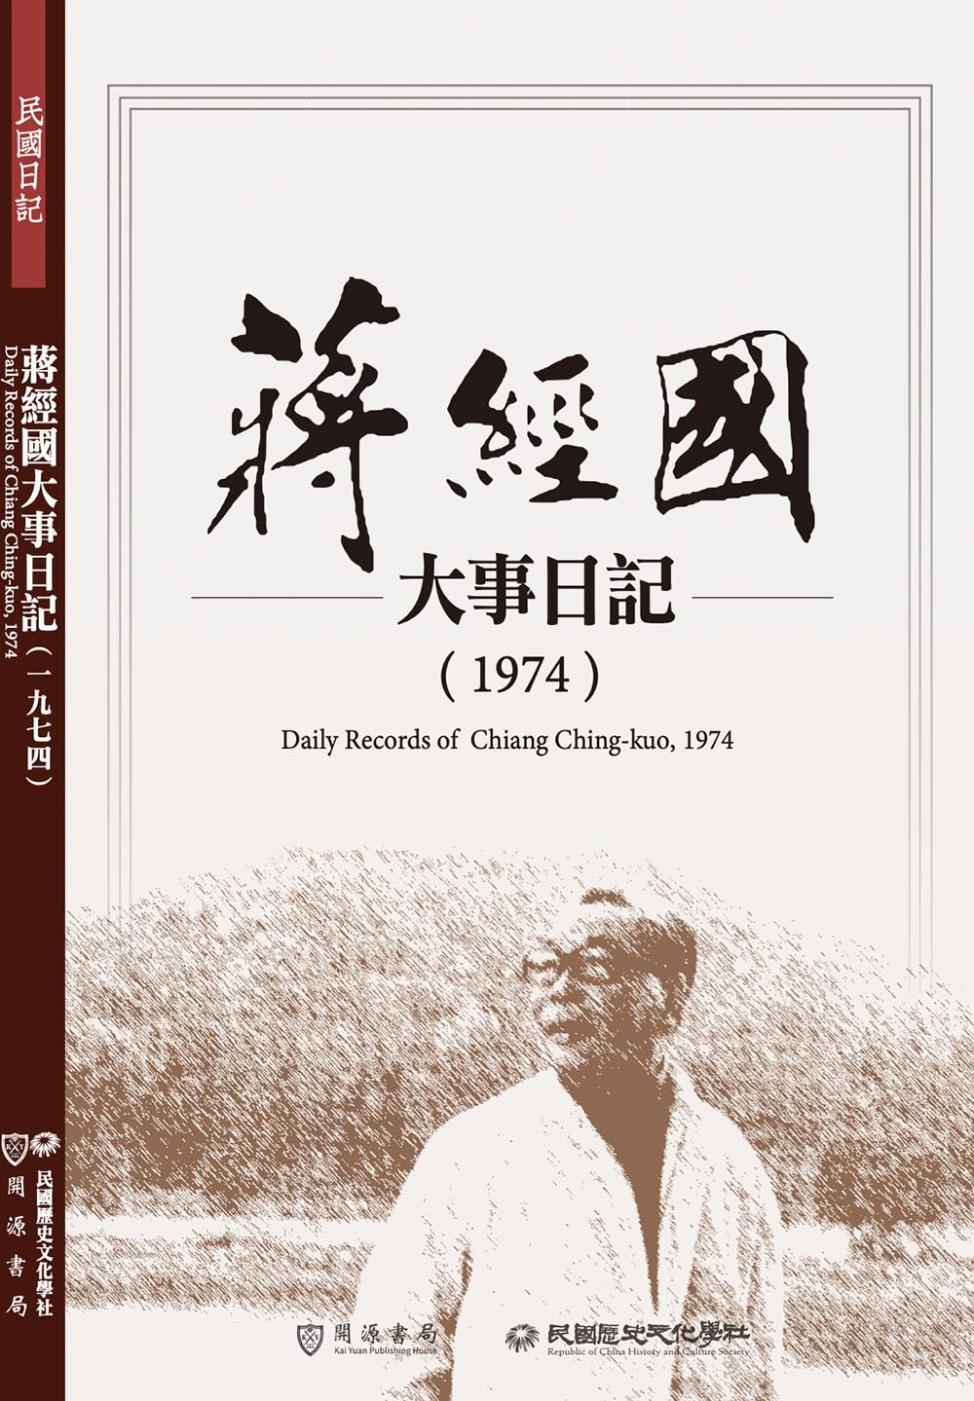 蔣經國大事日記(1974)